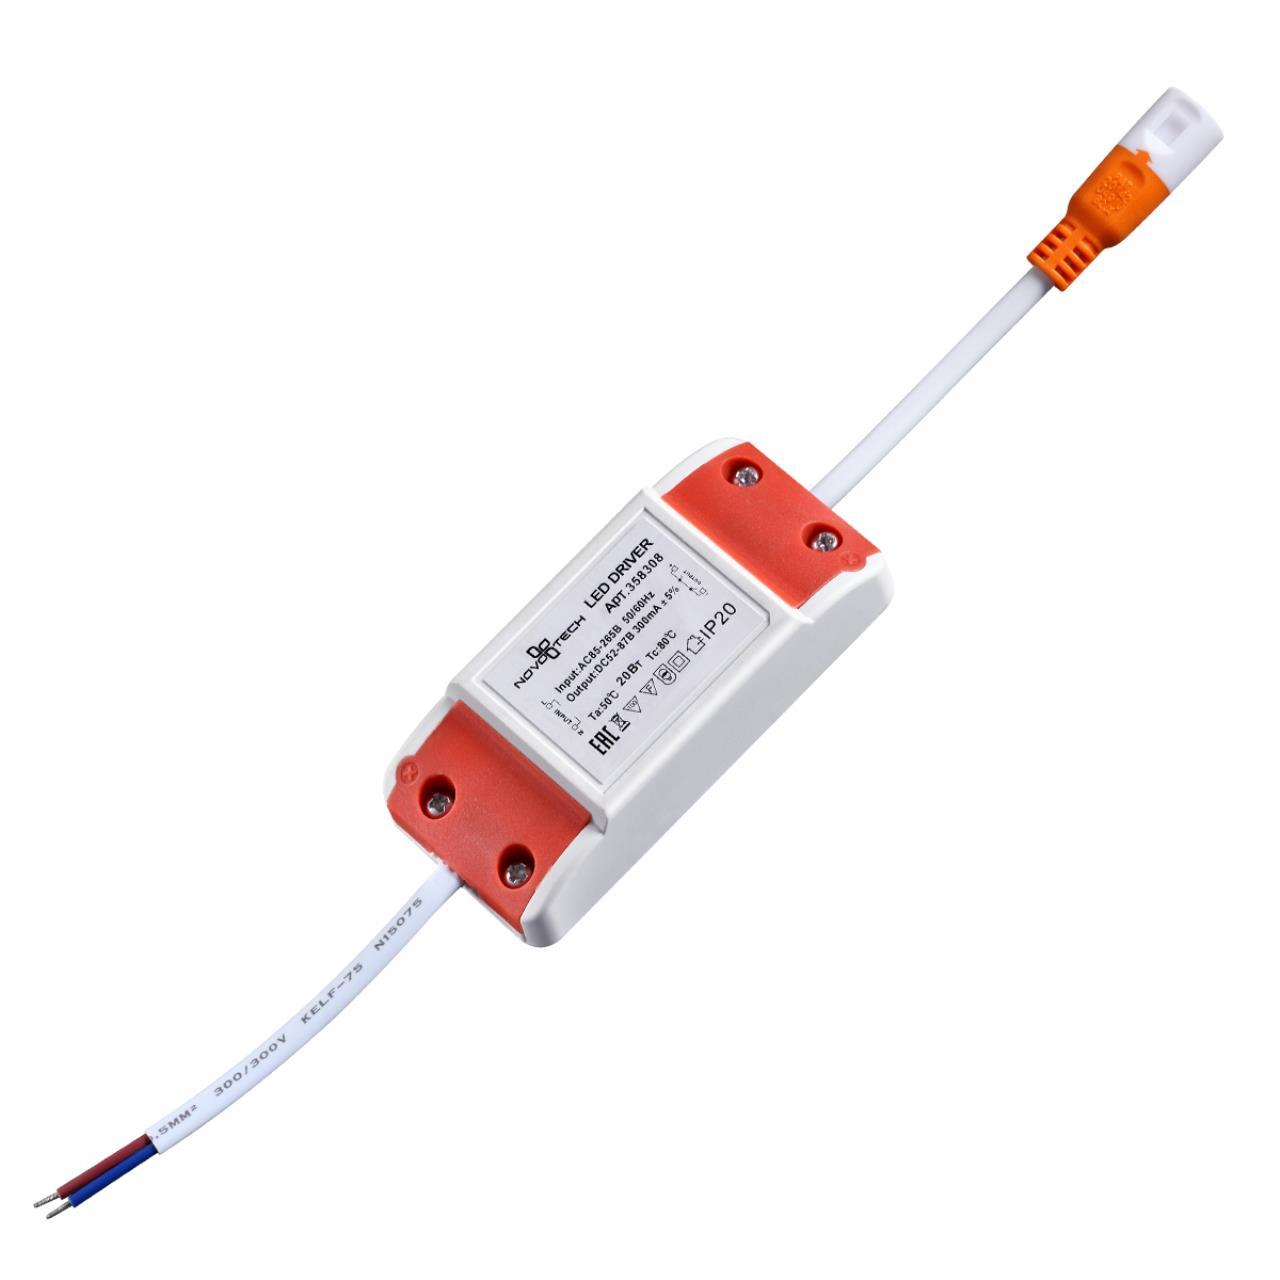 358308 DRIVE NT19 000 Драйвер для арт. 358304-358307 IP20 20W